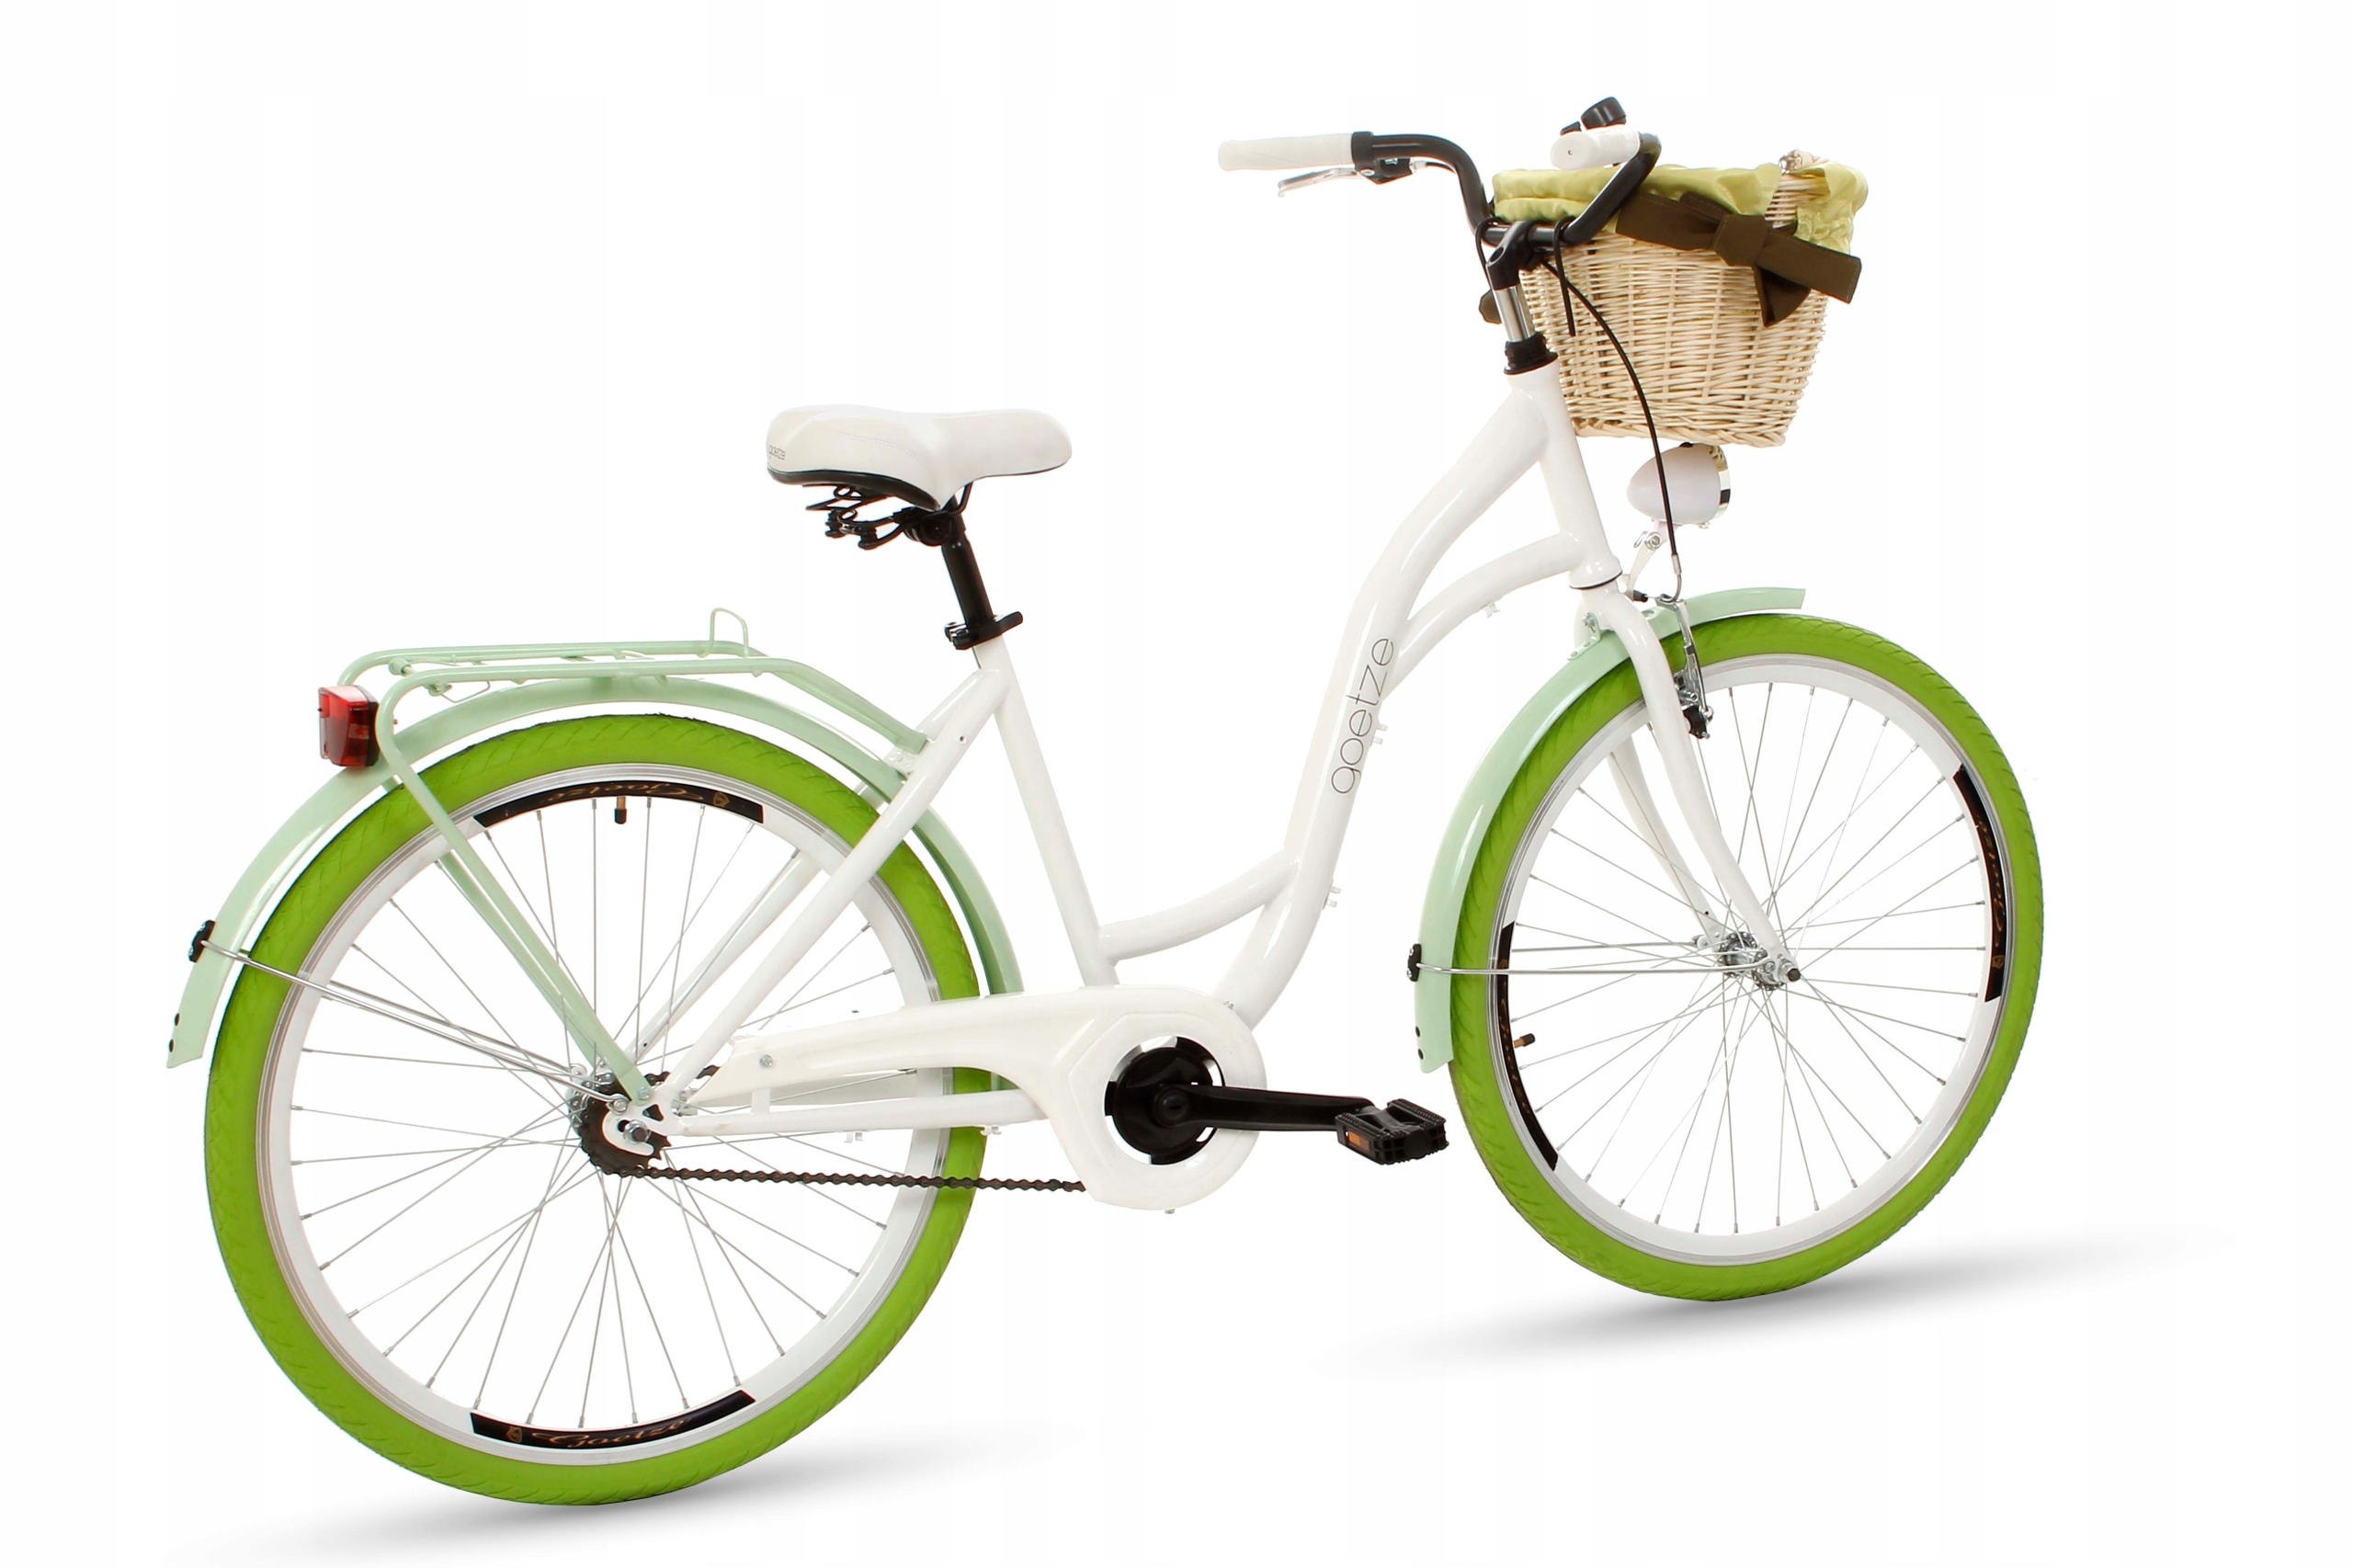 Dámsky mestský bicykel Goetze COLORS 26 košík!  Chýba typ prehadzovačky